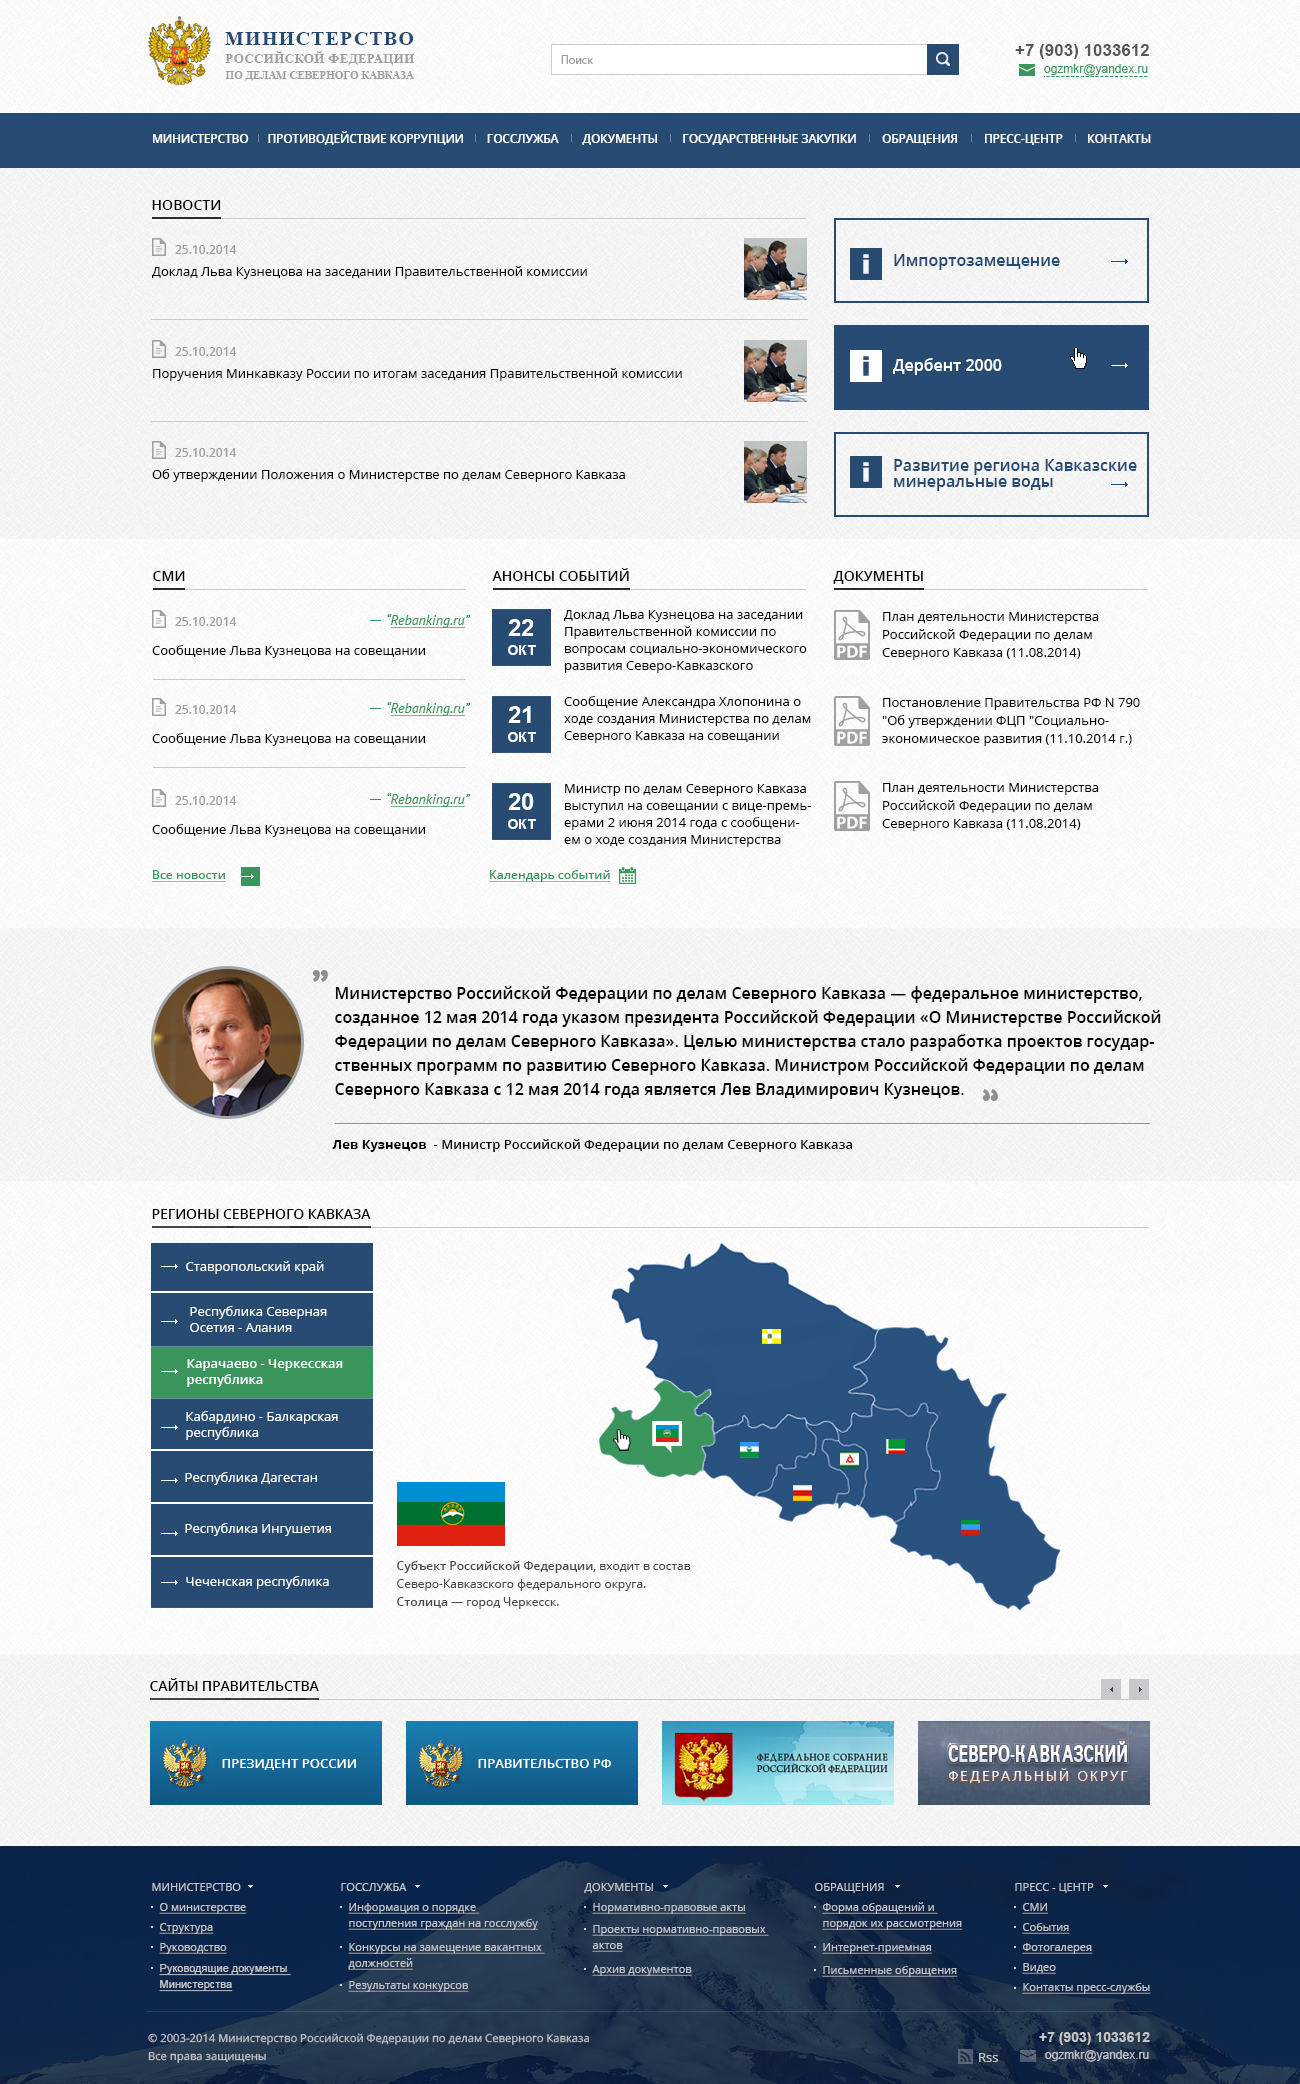 Разработка дизайна Главной страницы для Министерства по делам Северного Кавказа